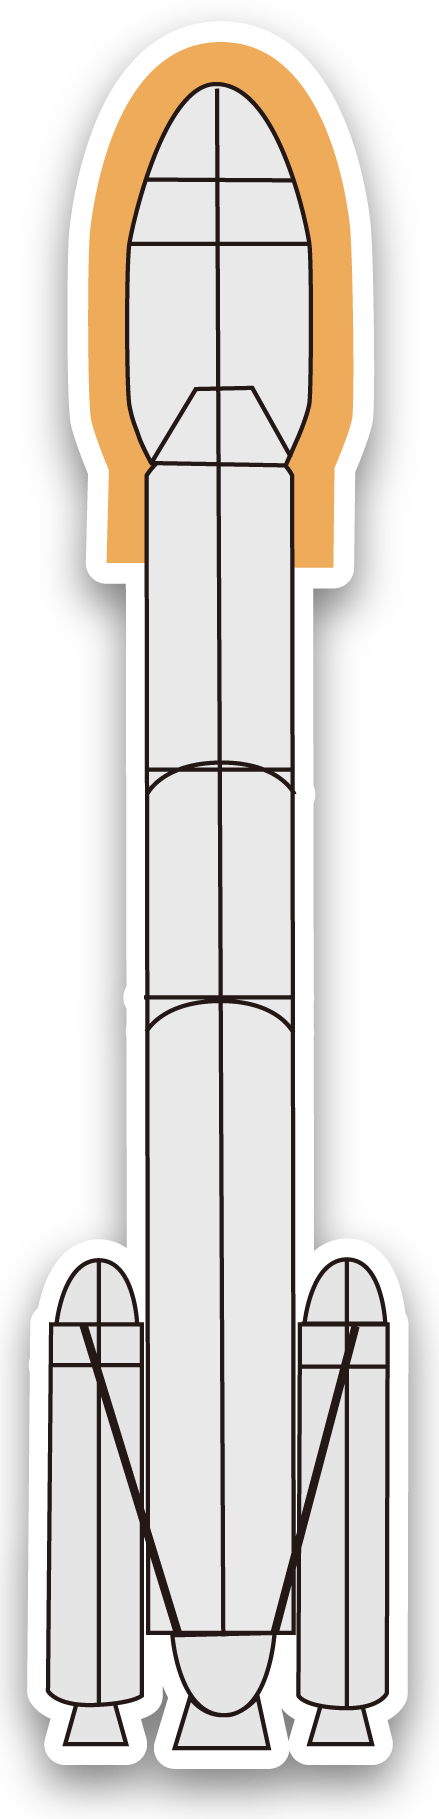 断熱セラミック-ロケット開発で培われた最先端の断熱技術-